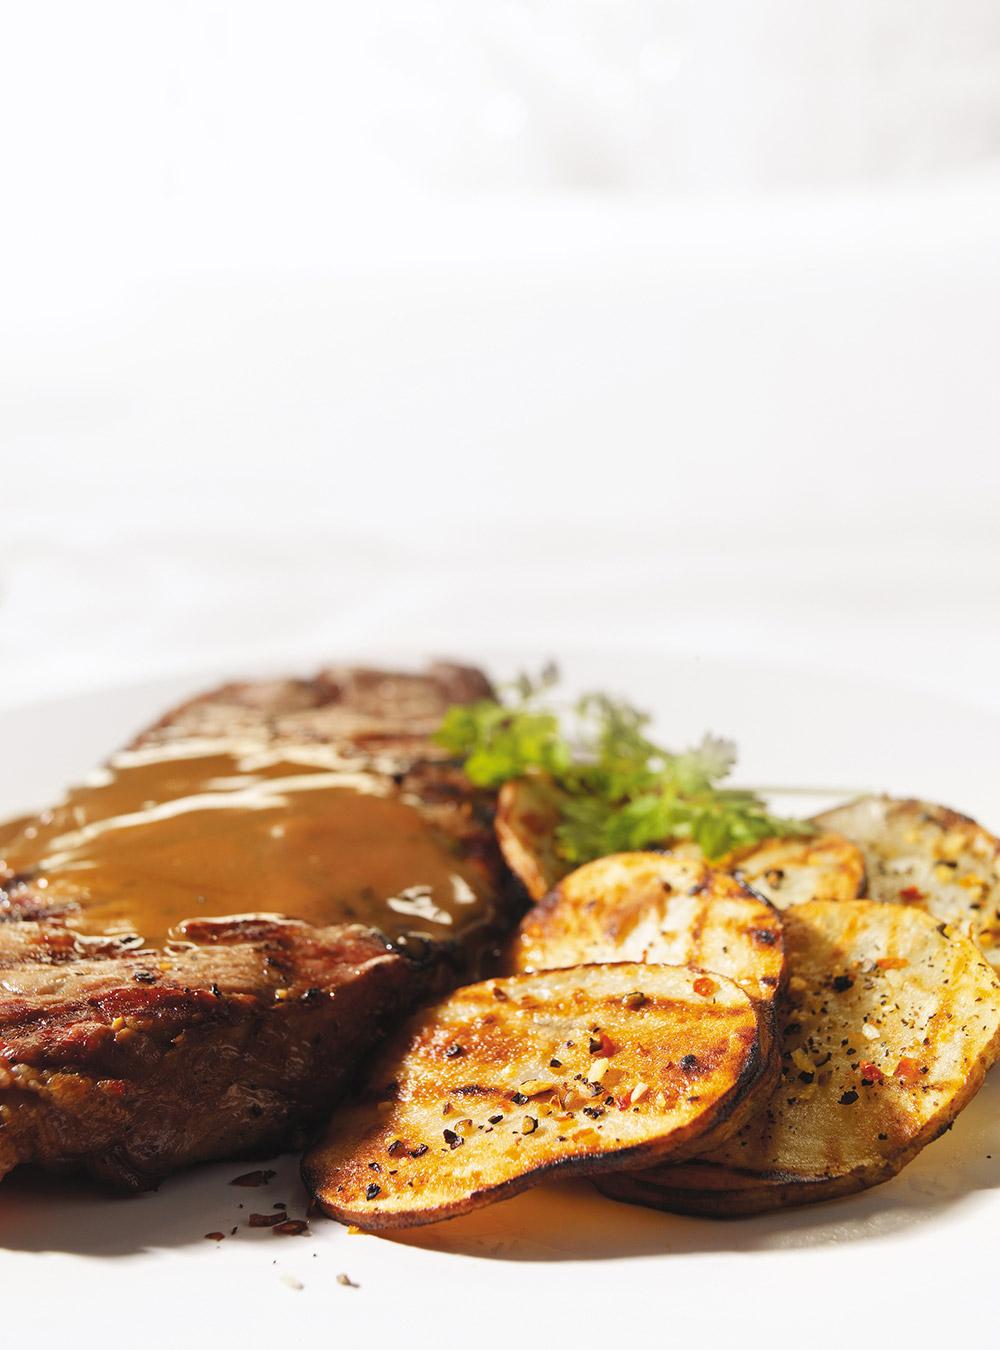 Steaks new york grillés au beurre noisette au vinaigre balsamique ...